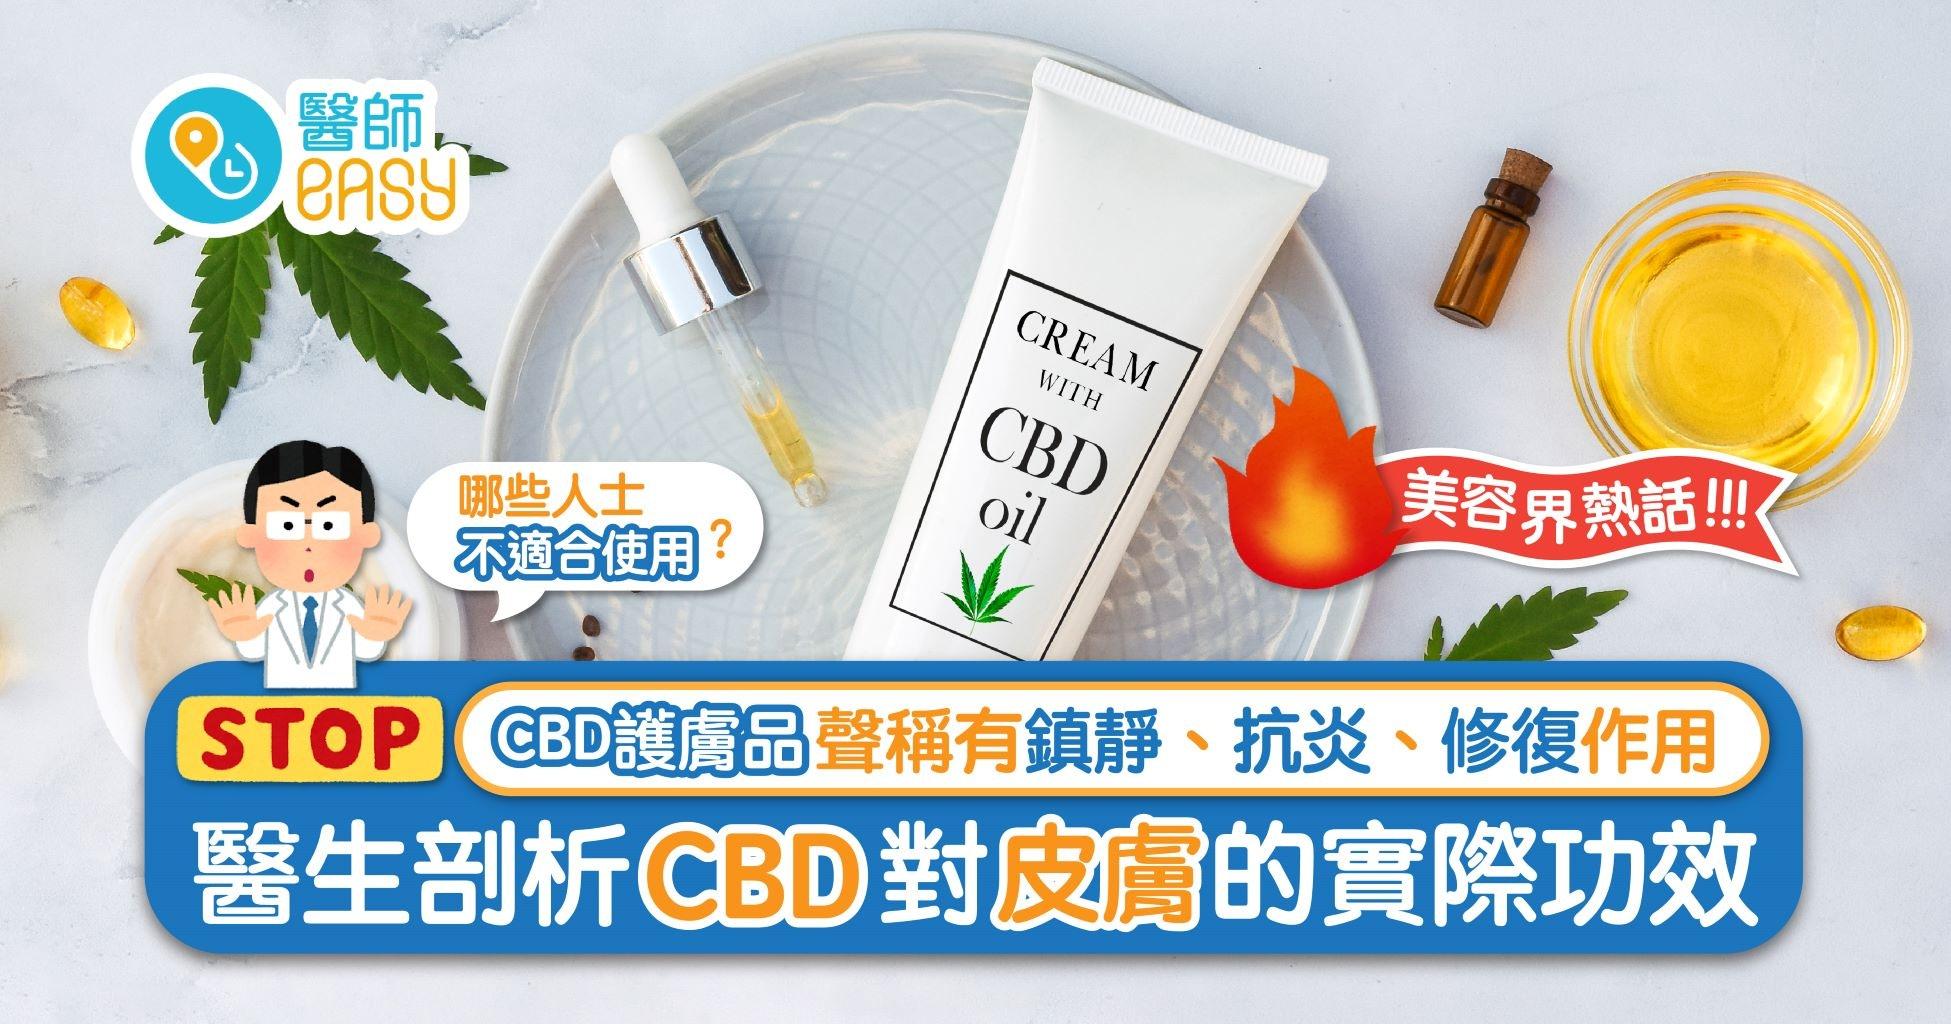 CBD「大麻二酚」竟成護膚新趨勢?暫未有規管消費者應小心使用